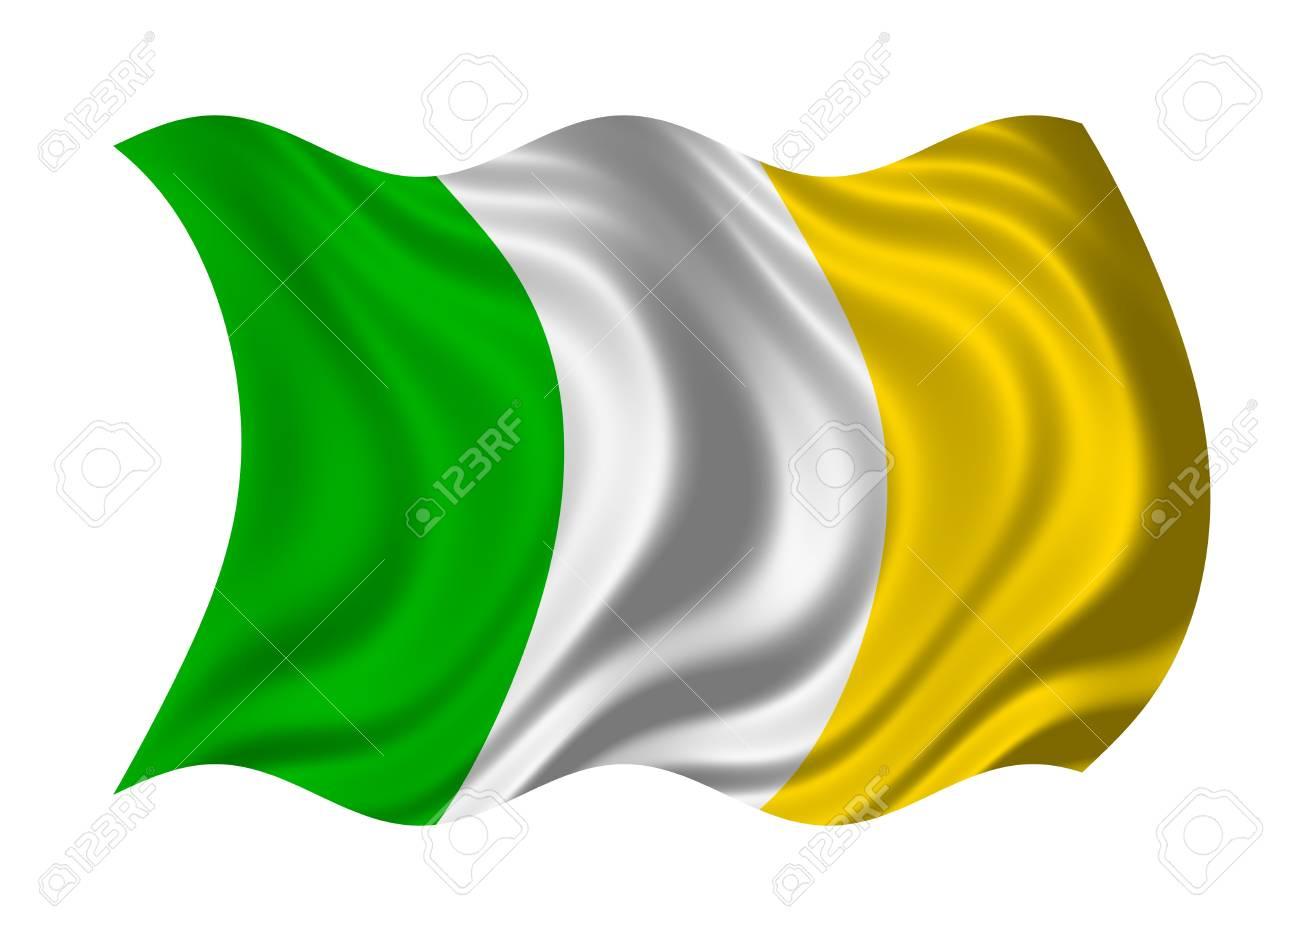 Flag of Ireland isolated on white background Stock Photo - 6951914